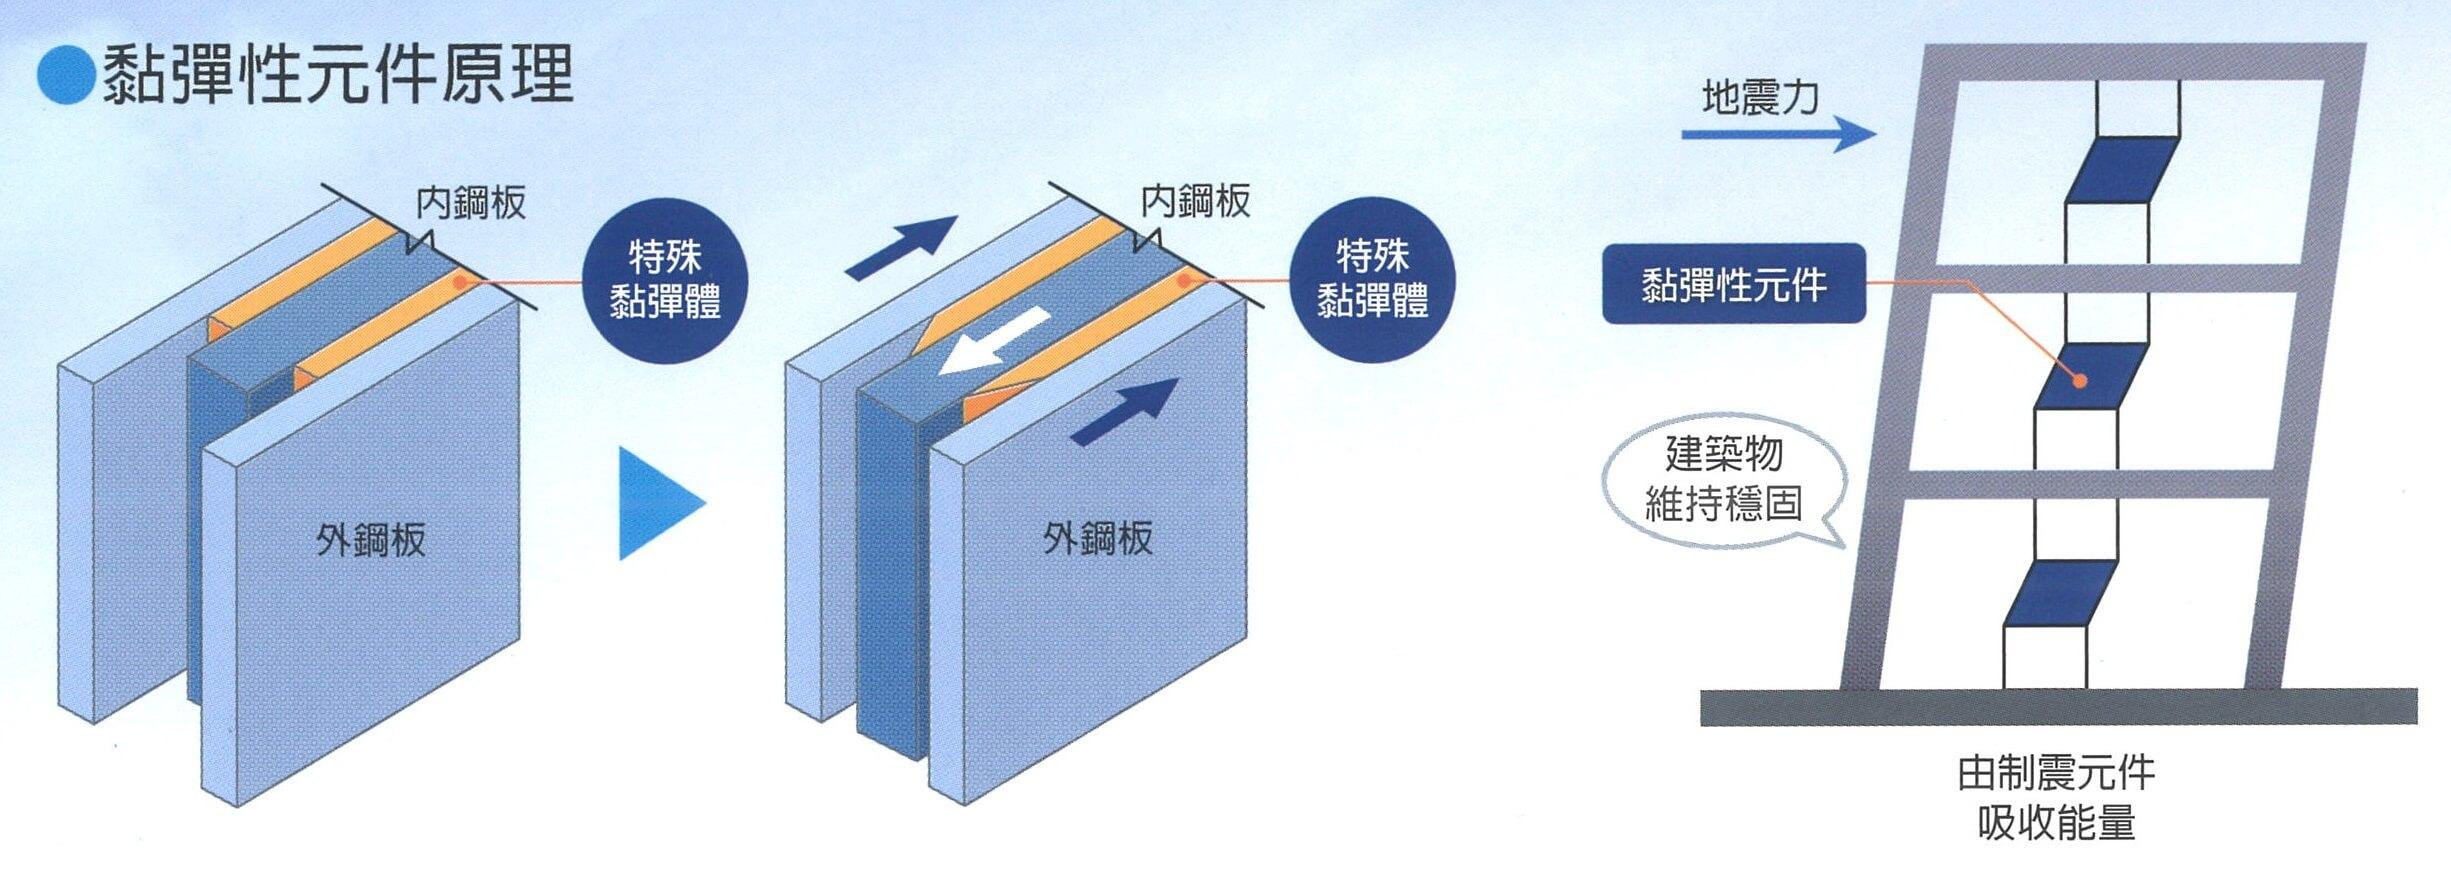 頁面擷取自-住友理工 TRC產品目錄 201502 - TRC